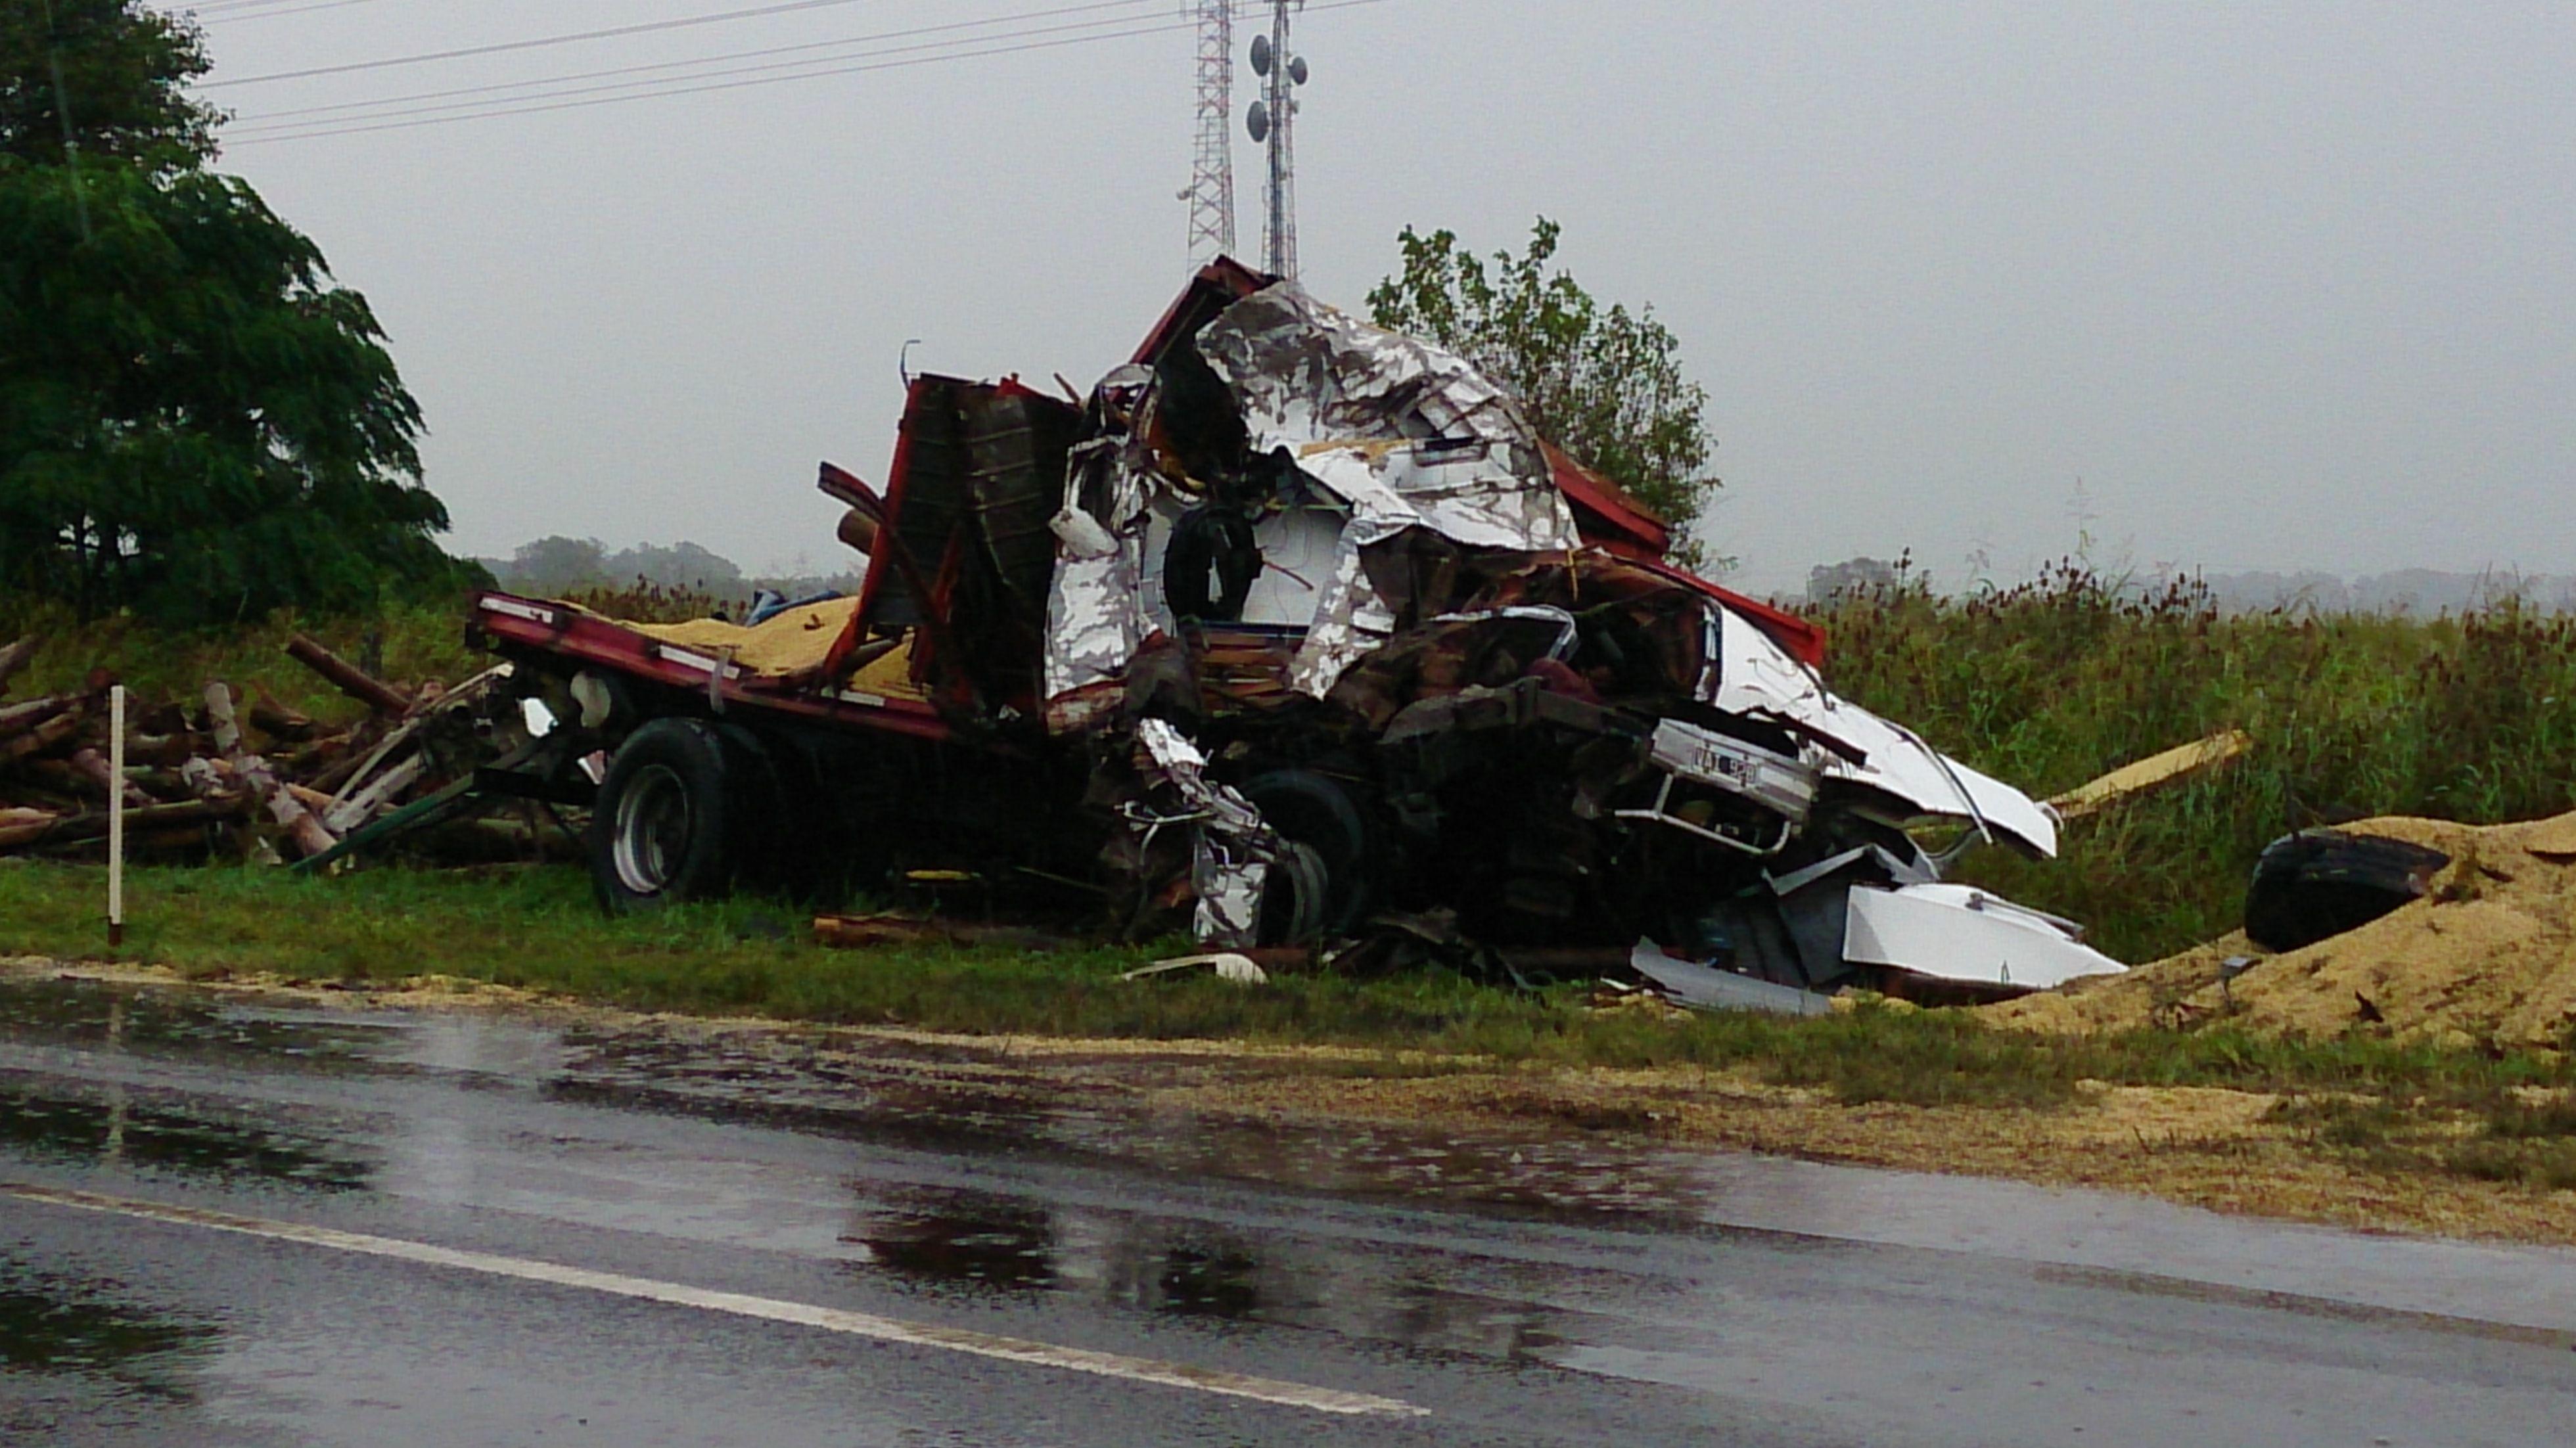 Así quedó uno de los vehículos involucrados en el choque. (Foto: Celina M. Lovera)